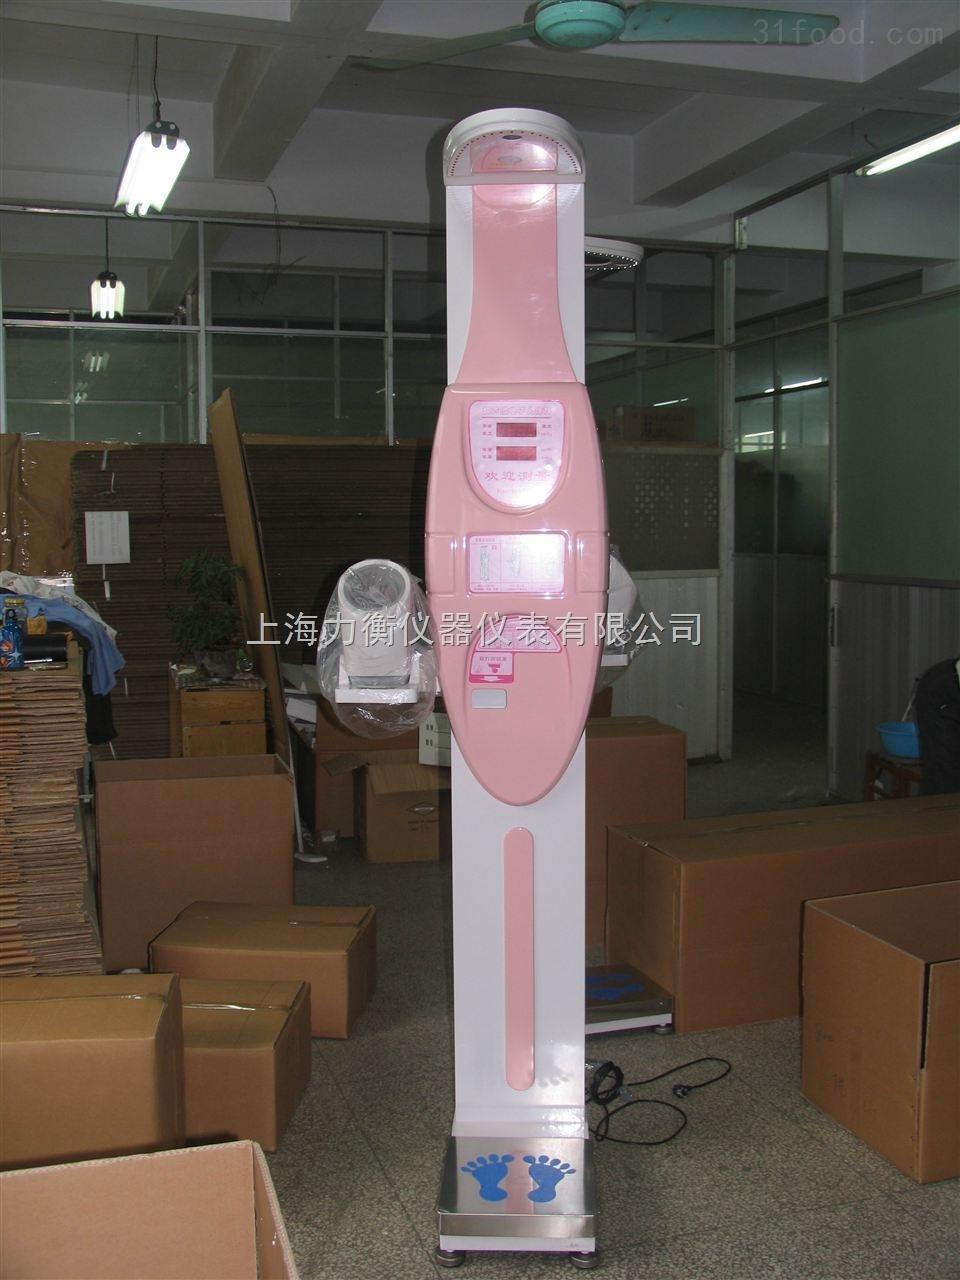 800型脂肪测量身高体重秤,超声波人体秤,医院体检仪